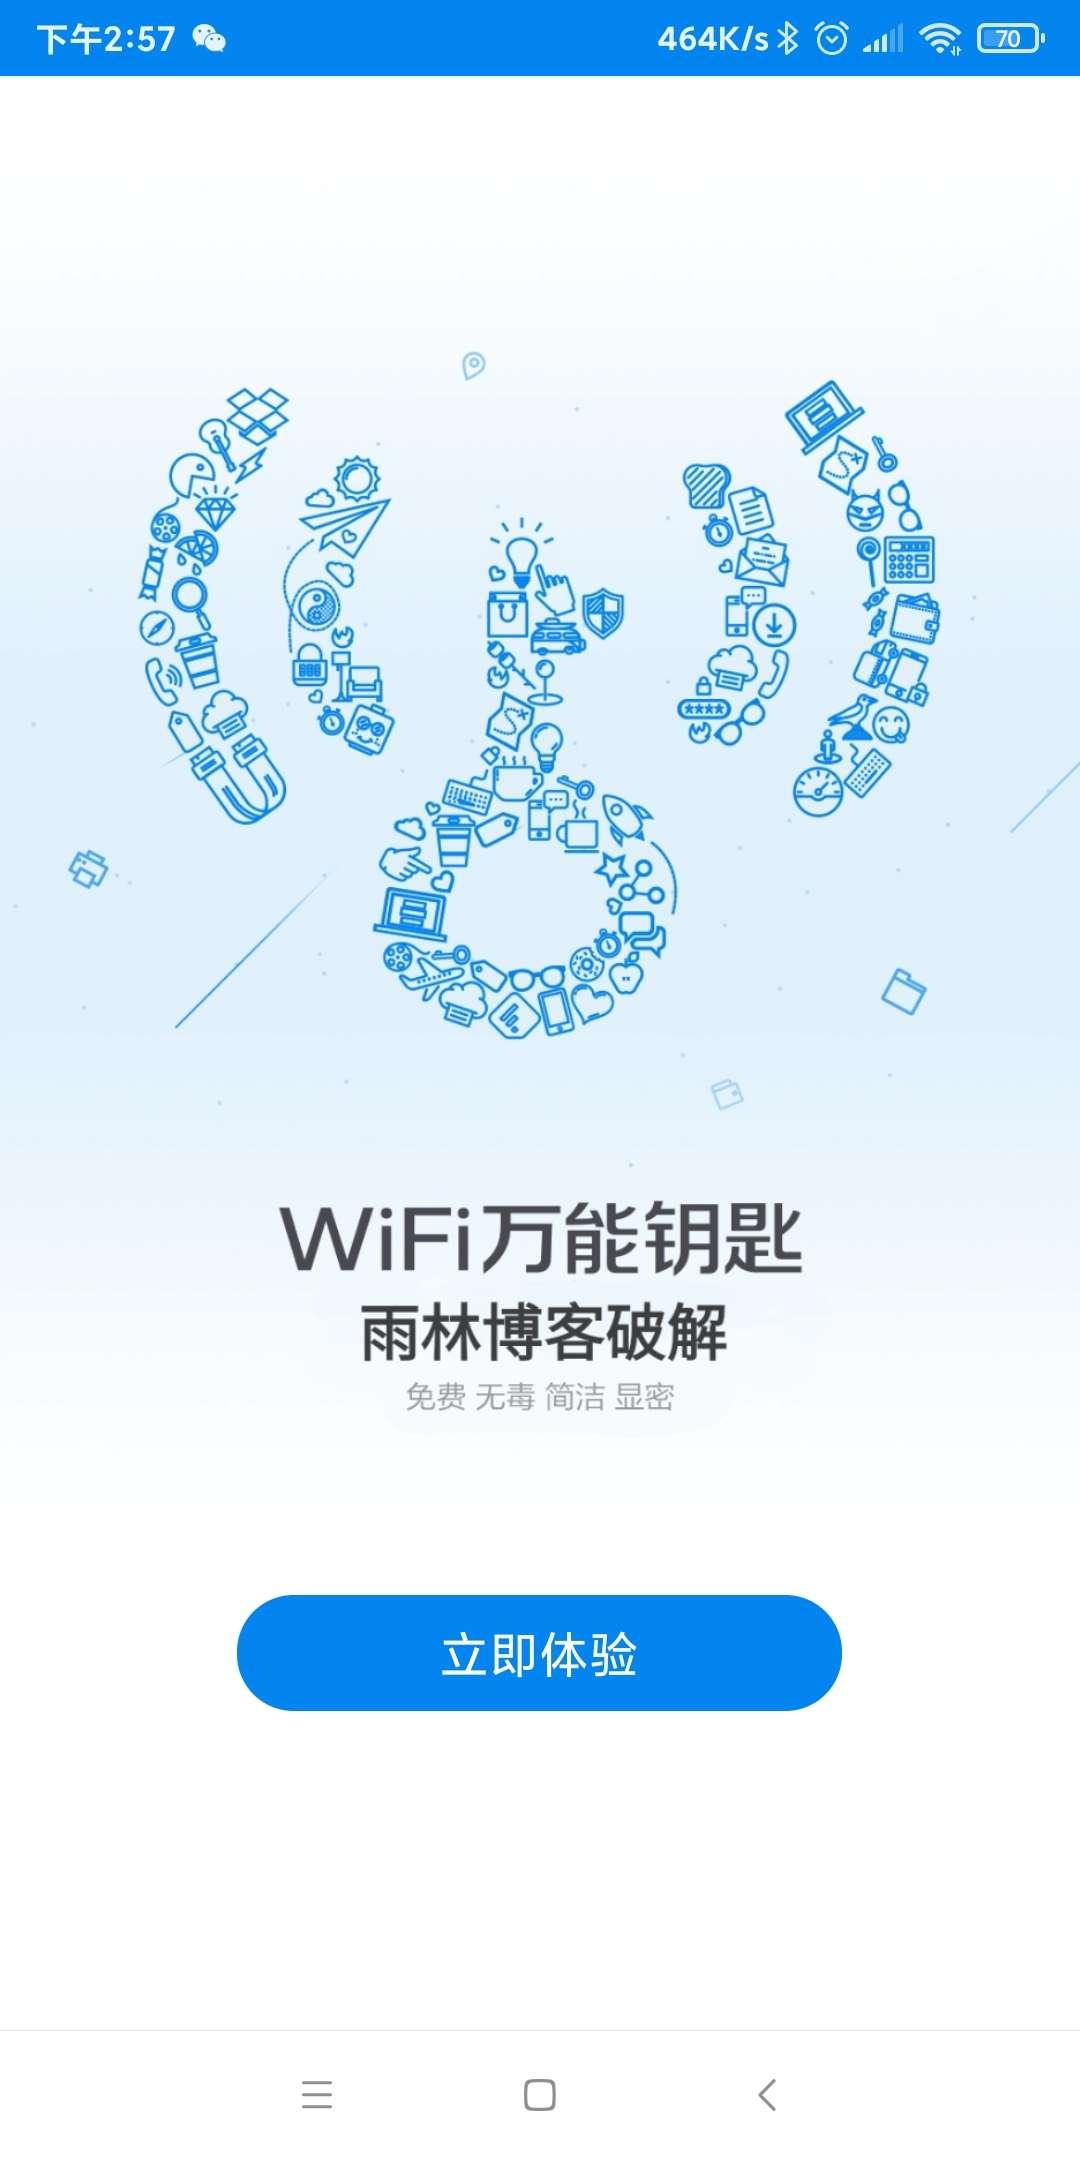 雨林wifi钥匙 免费 无毒 简洁 显密